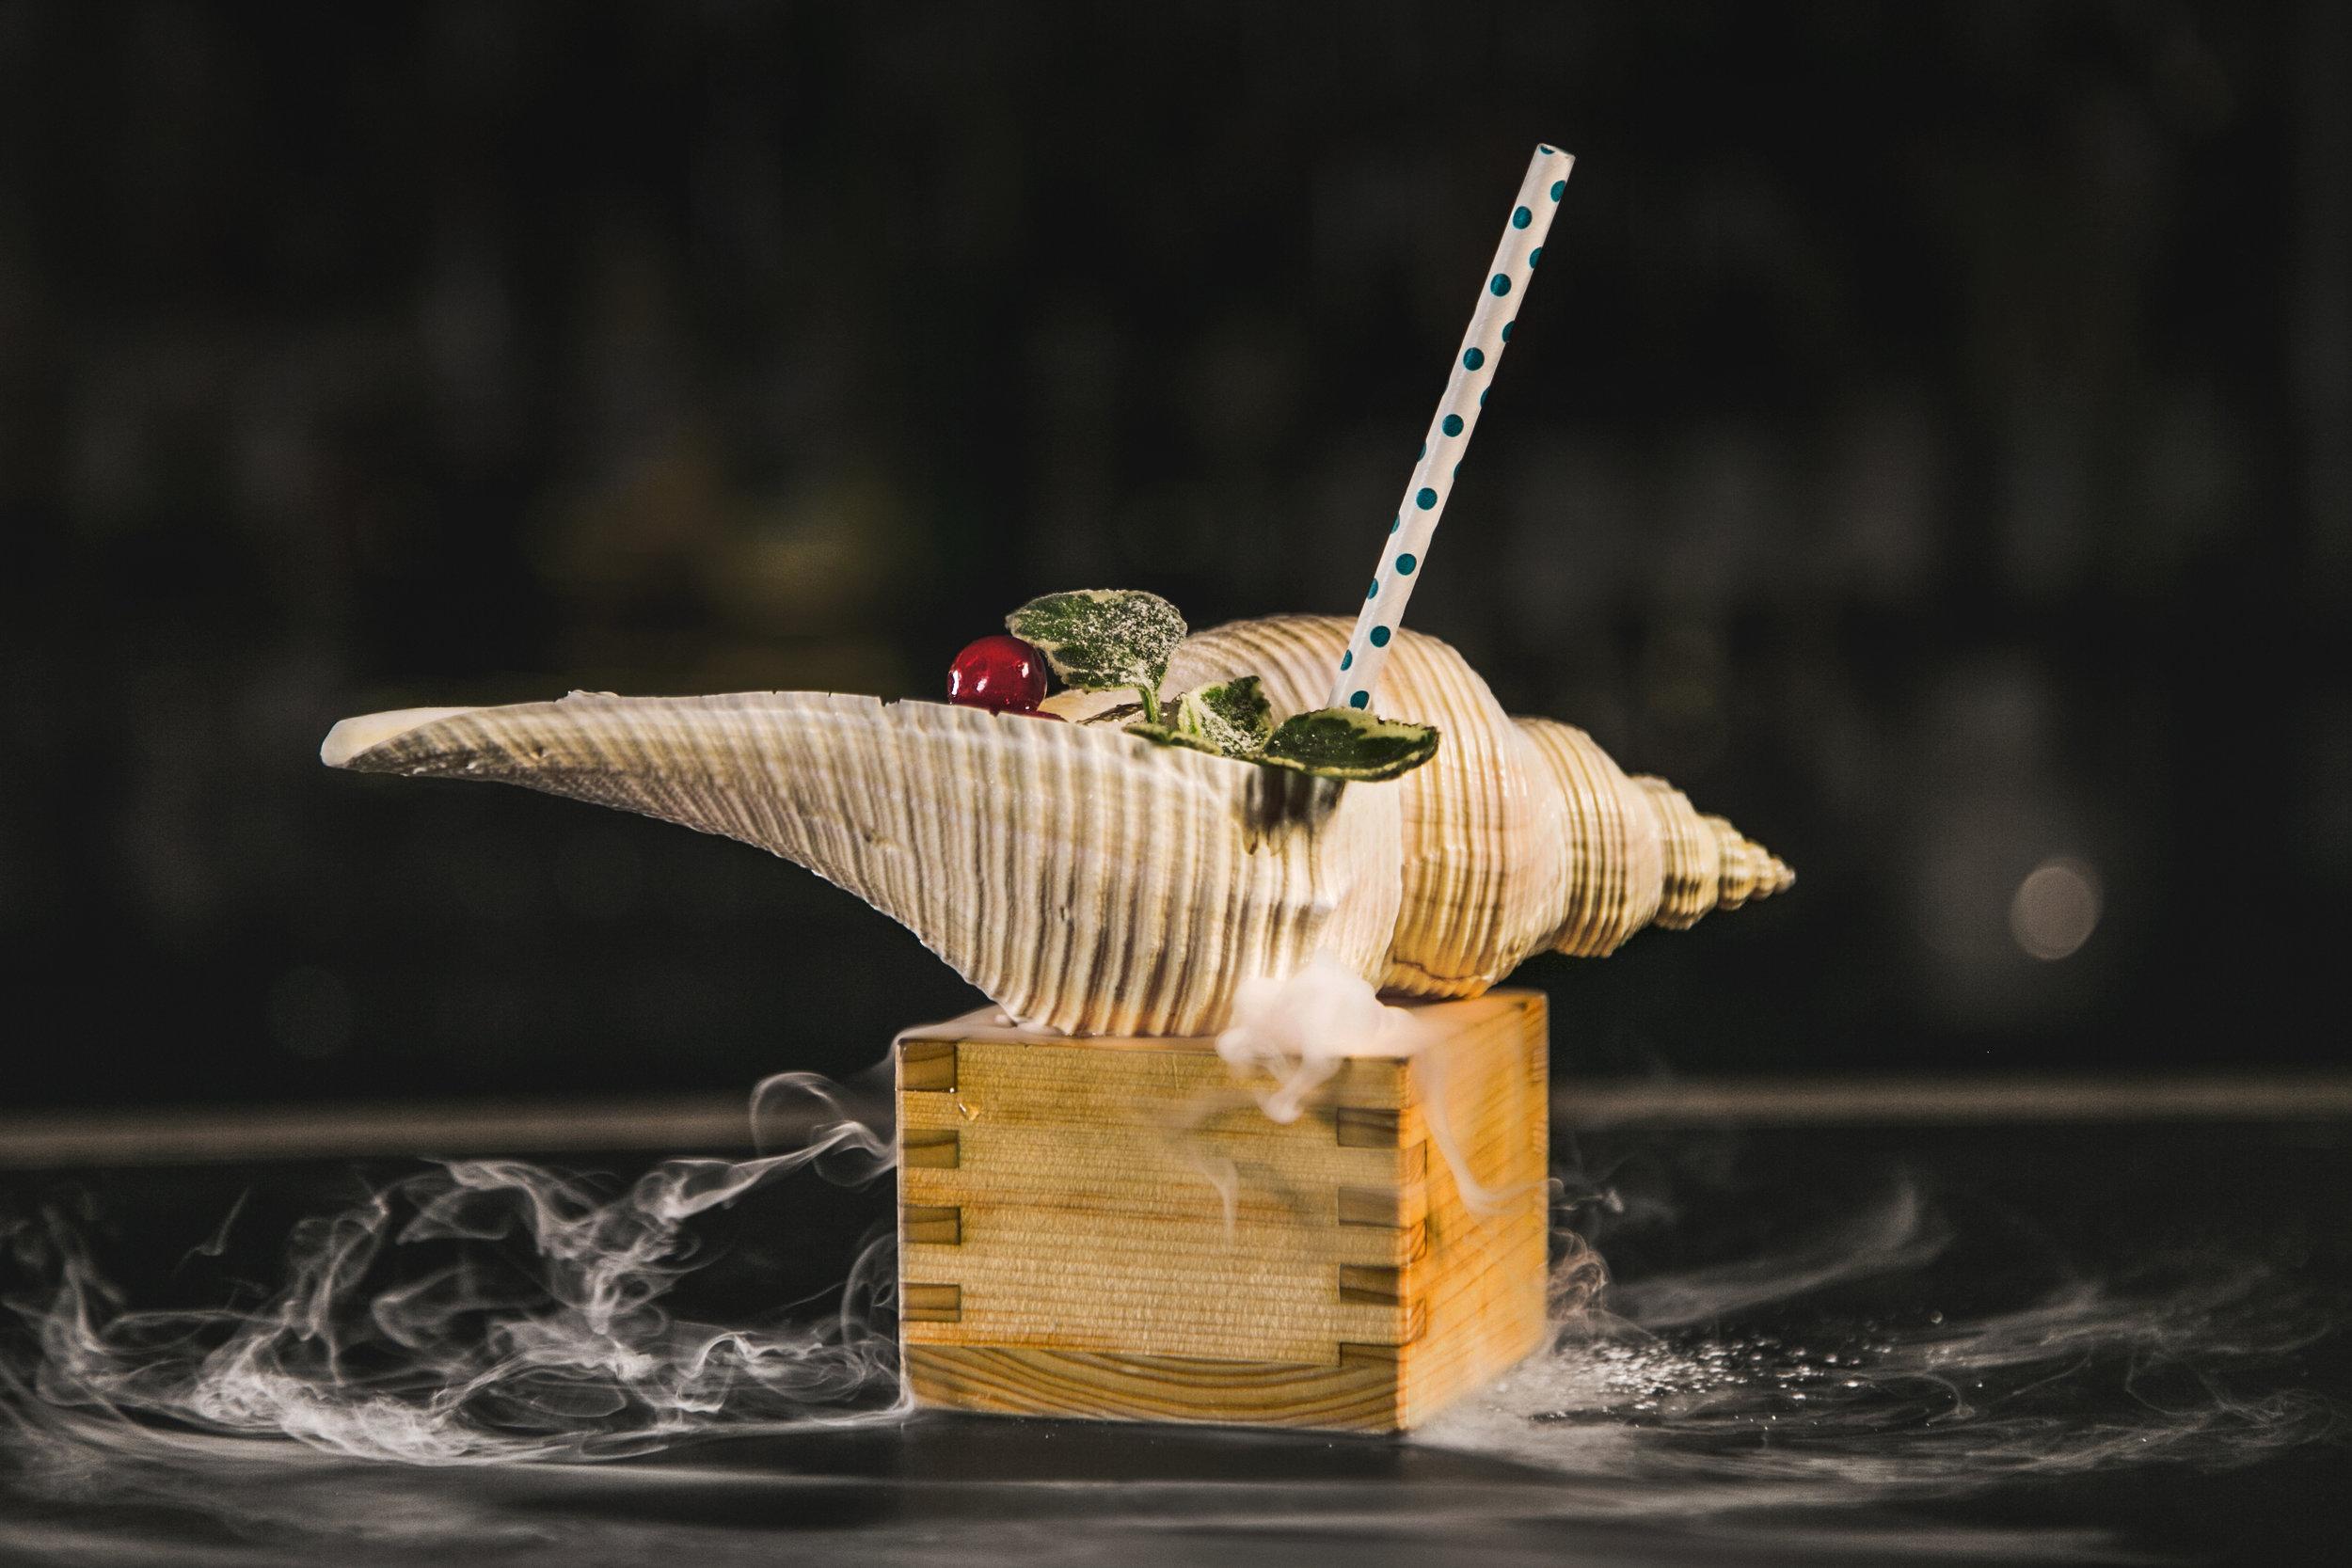 神奇燒酒螺 Magical Seashell